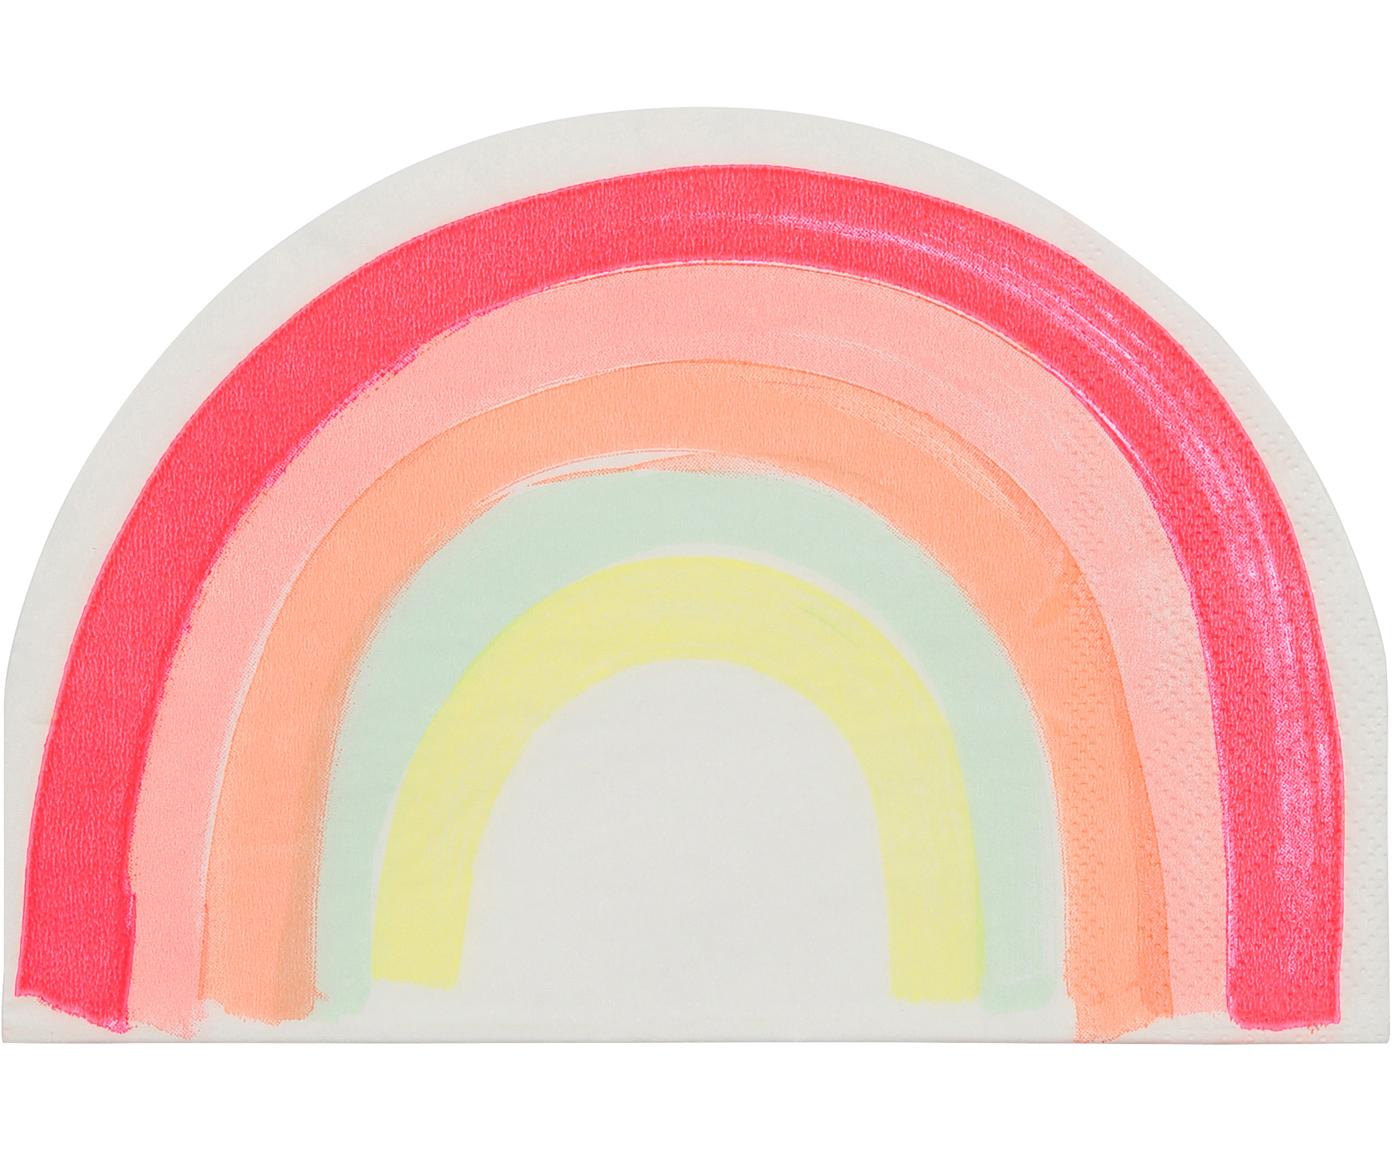 Tovagliolo di carta Rainbow 20 pz, Carta, Multicolore, Larg. 12 x Lung. 17 cm